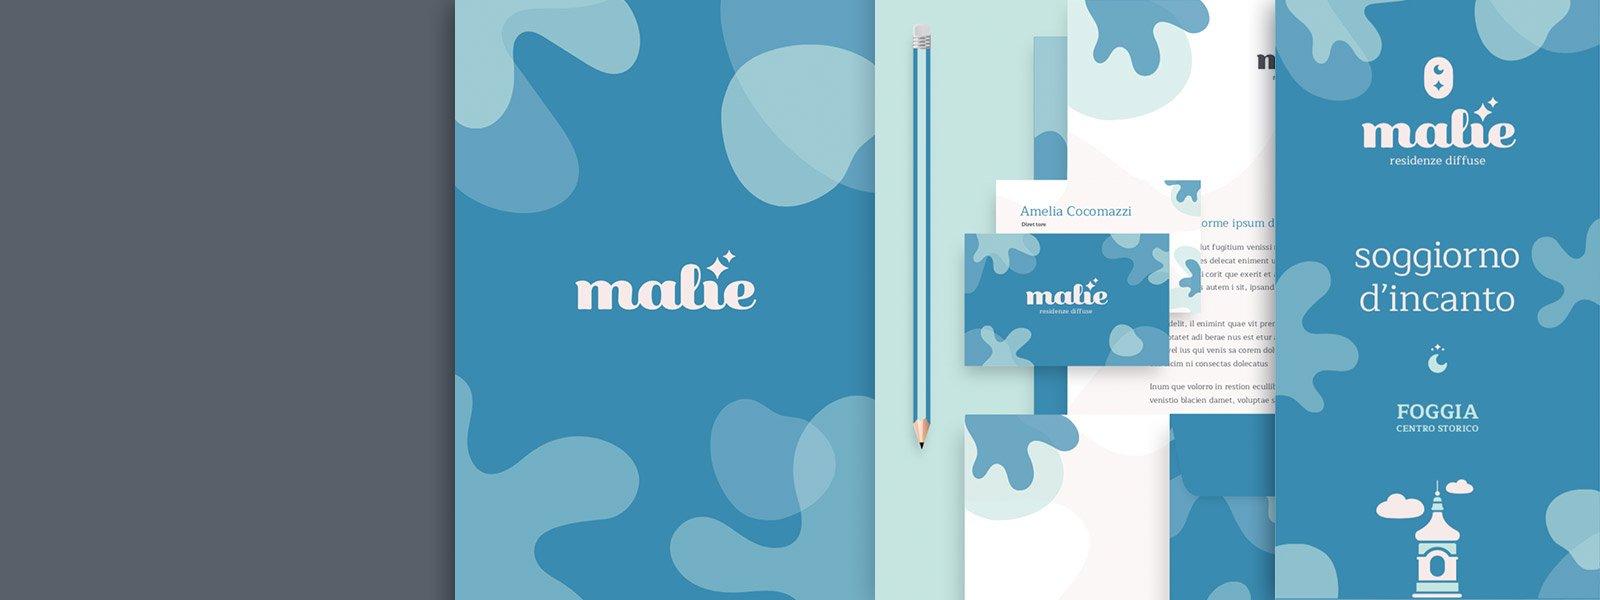 Muse Comunicazione - Malìe Residenze Diffuse: Branding e Web Design